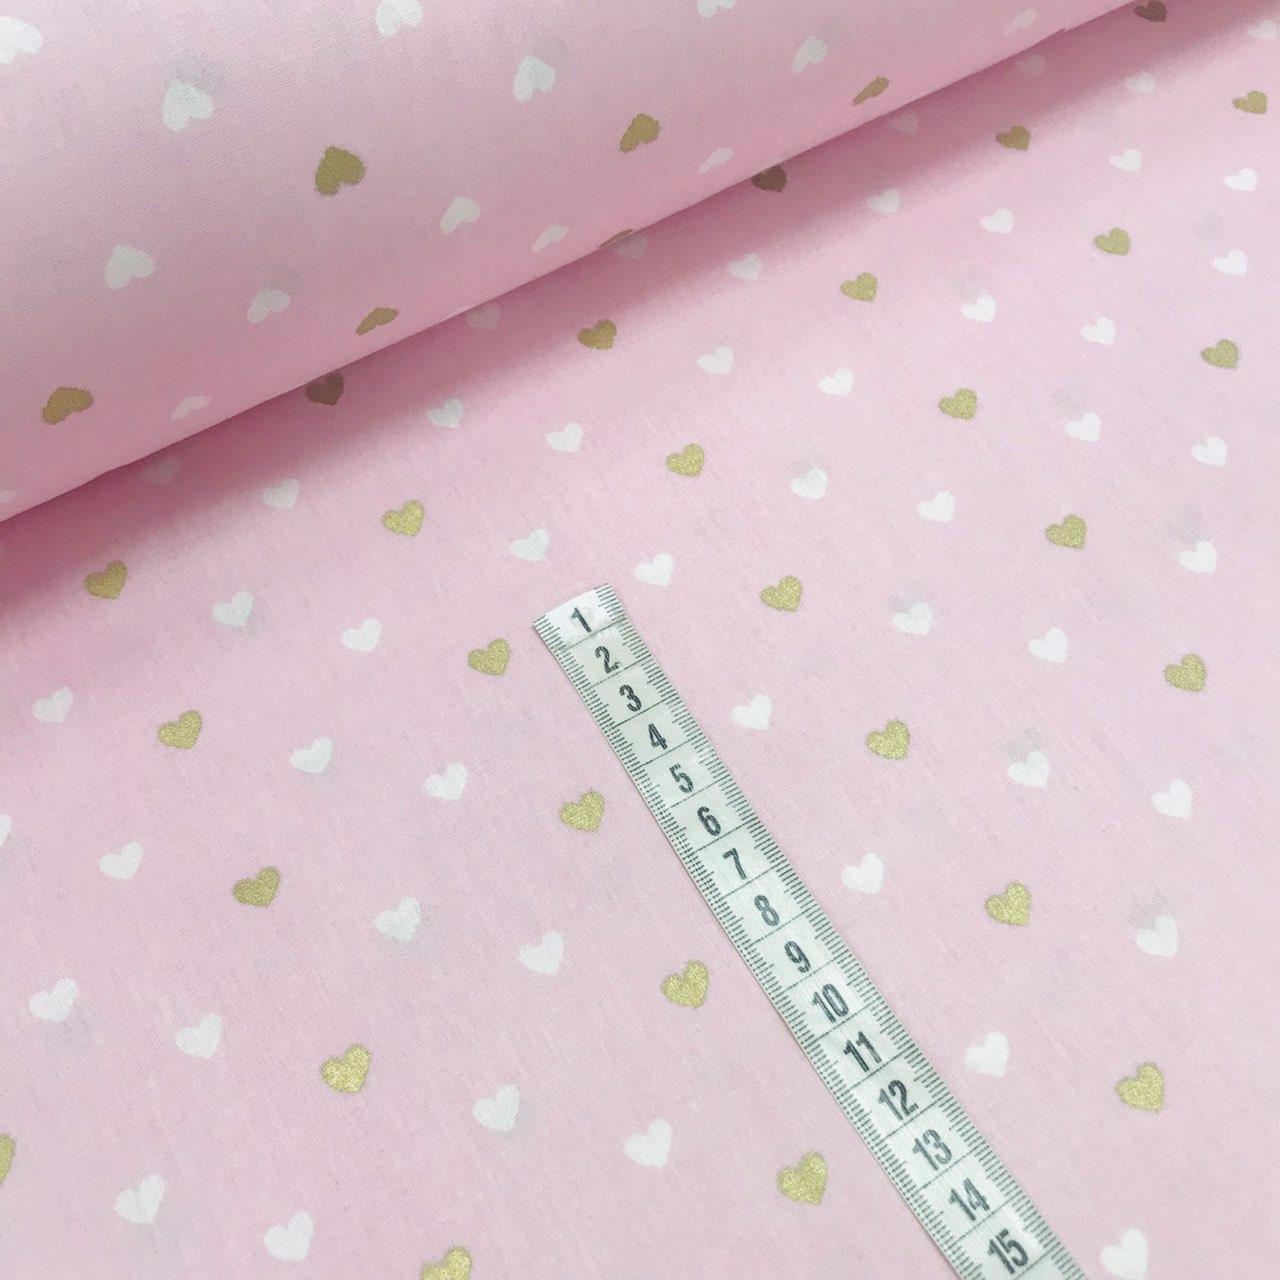 Хлопковая ткань (ТУРЦИЯ шир. 2,4 м) сердца мелкие бело-золотые (глиттер) на розовом